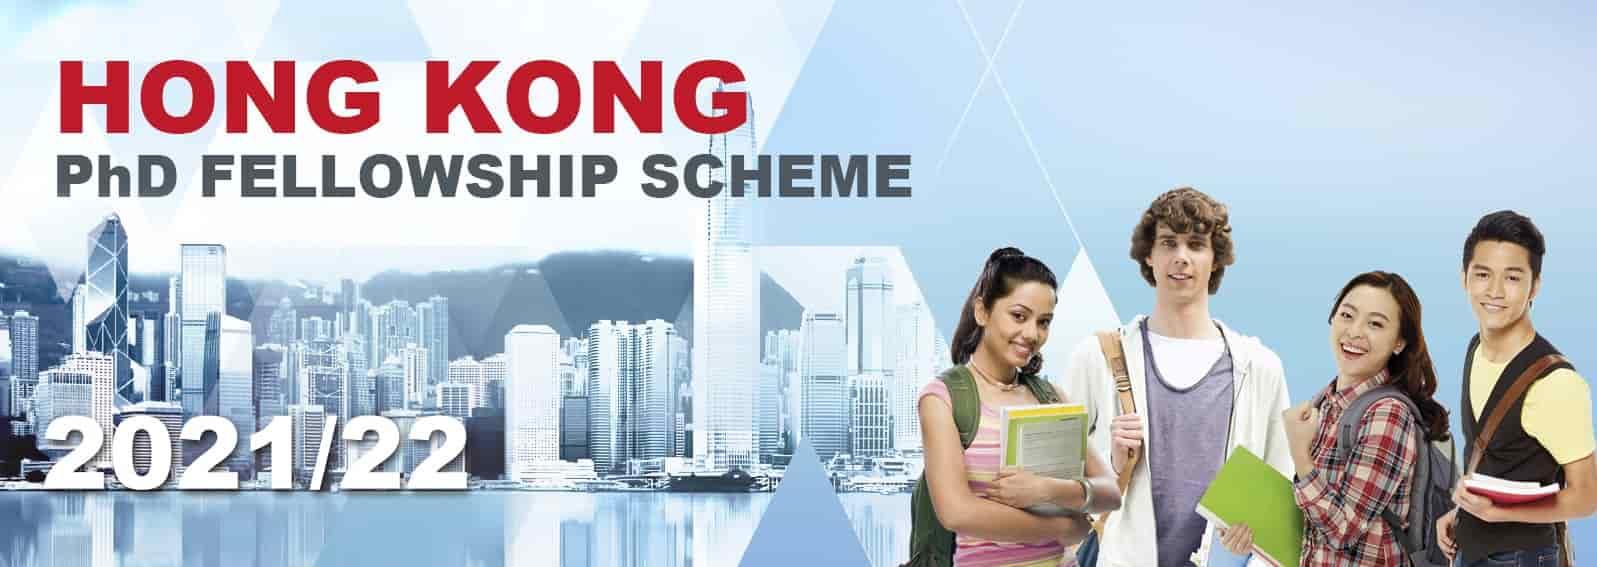 منحة حكومة هونغ كونغ لدراسة الدكتوراه 2021 (ممولة بالكامل)